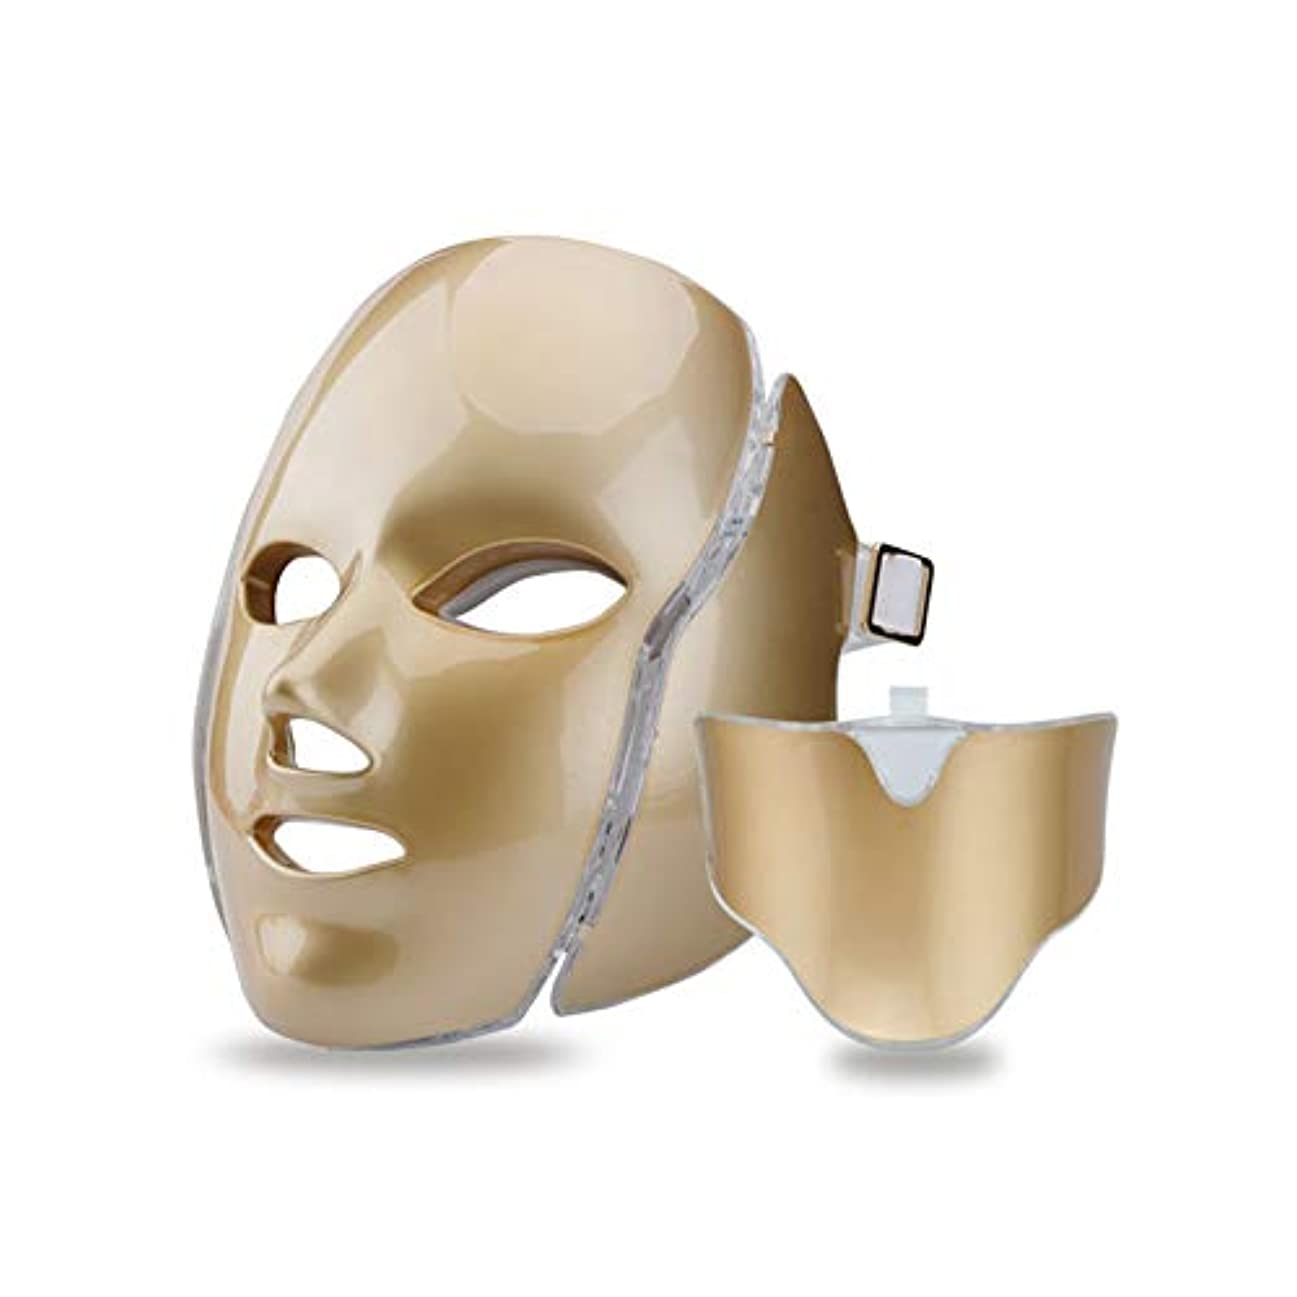 正当なチャット貫入赤色光光子治療機7色ledマスク+首、肌の若返りニキビフェイシャルスパ美容機器,Gold